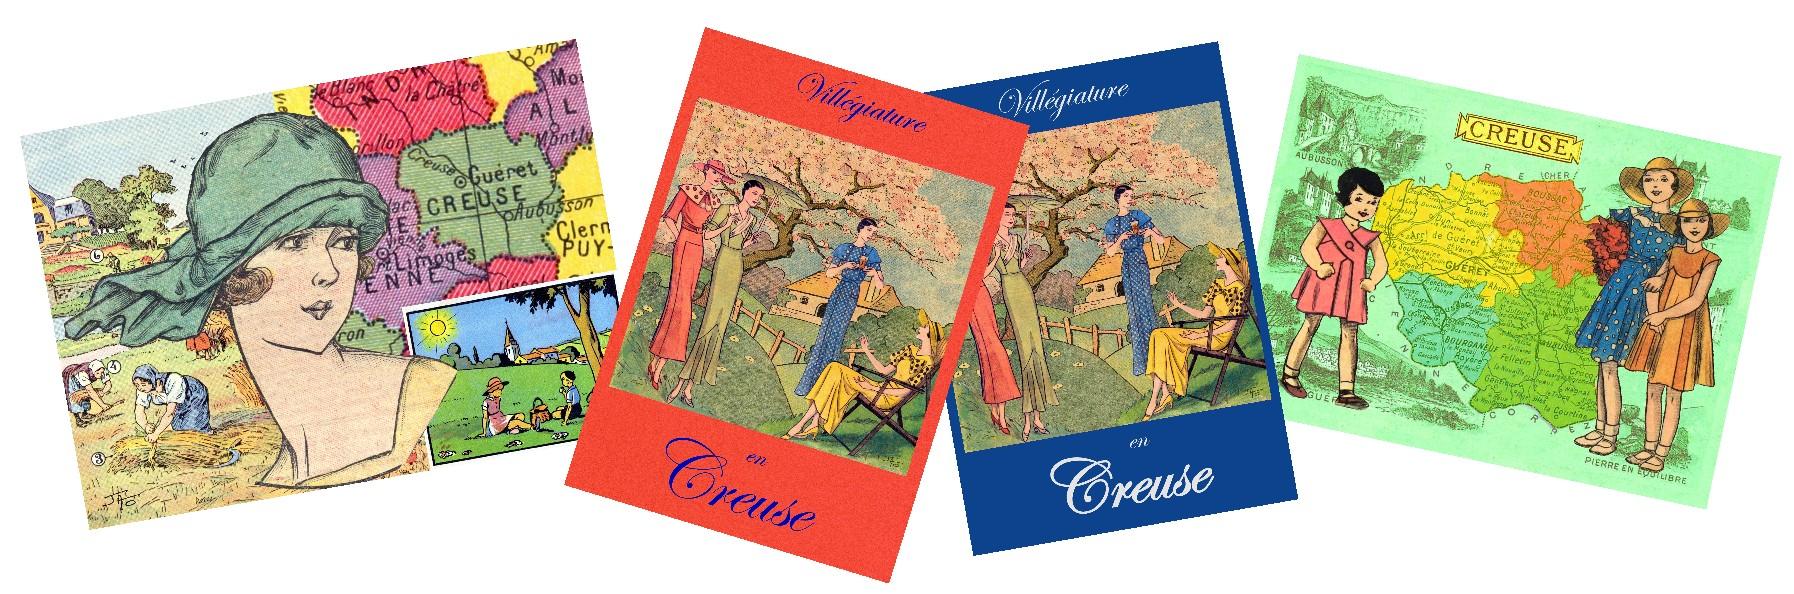 De nouvelles cartes postales-collages de la Creuse